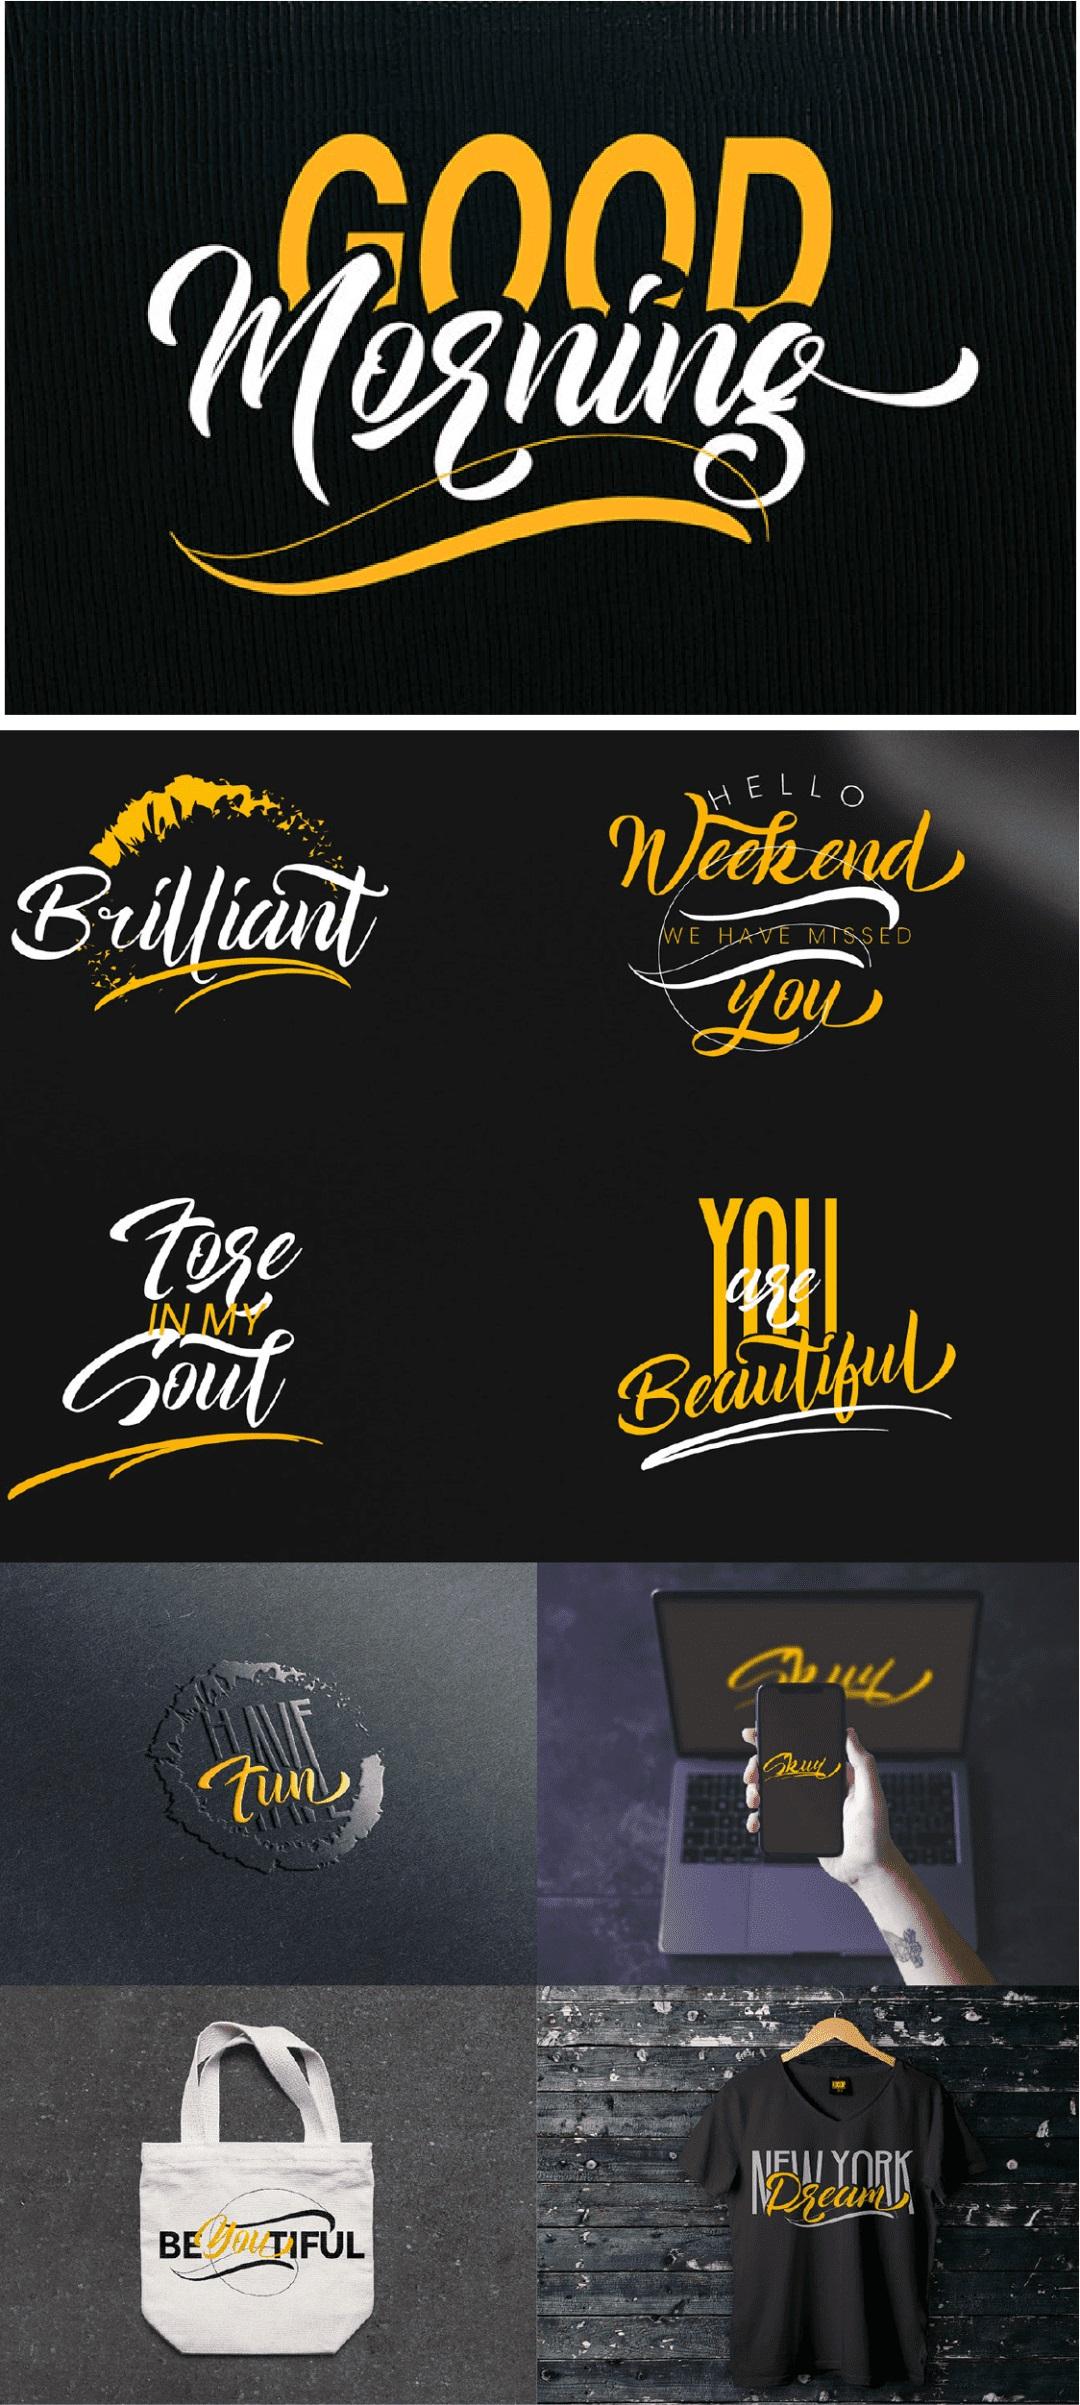 还缺免费英文字体?9款活泼可爱风格的字体打包!